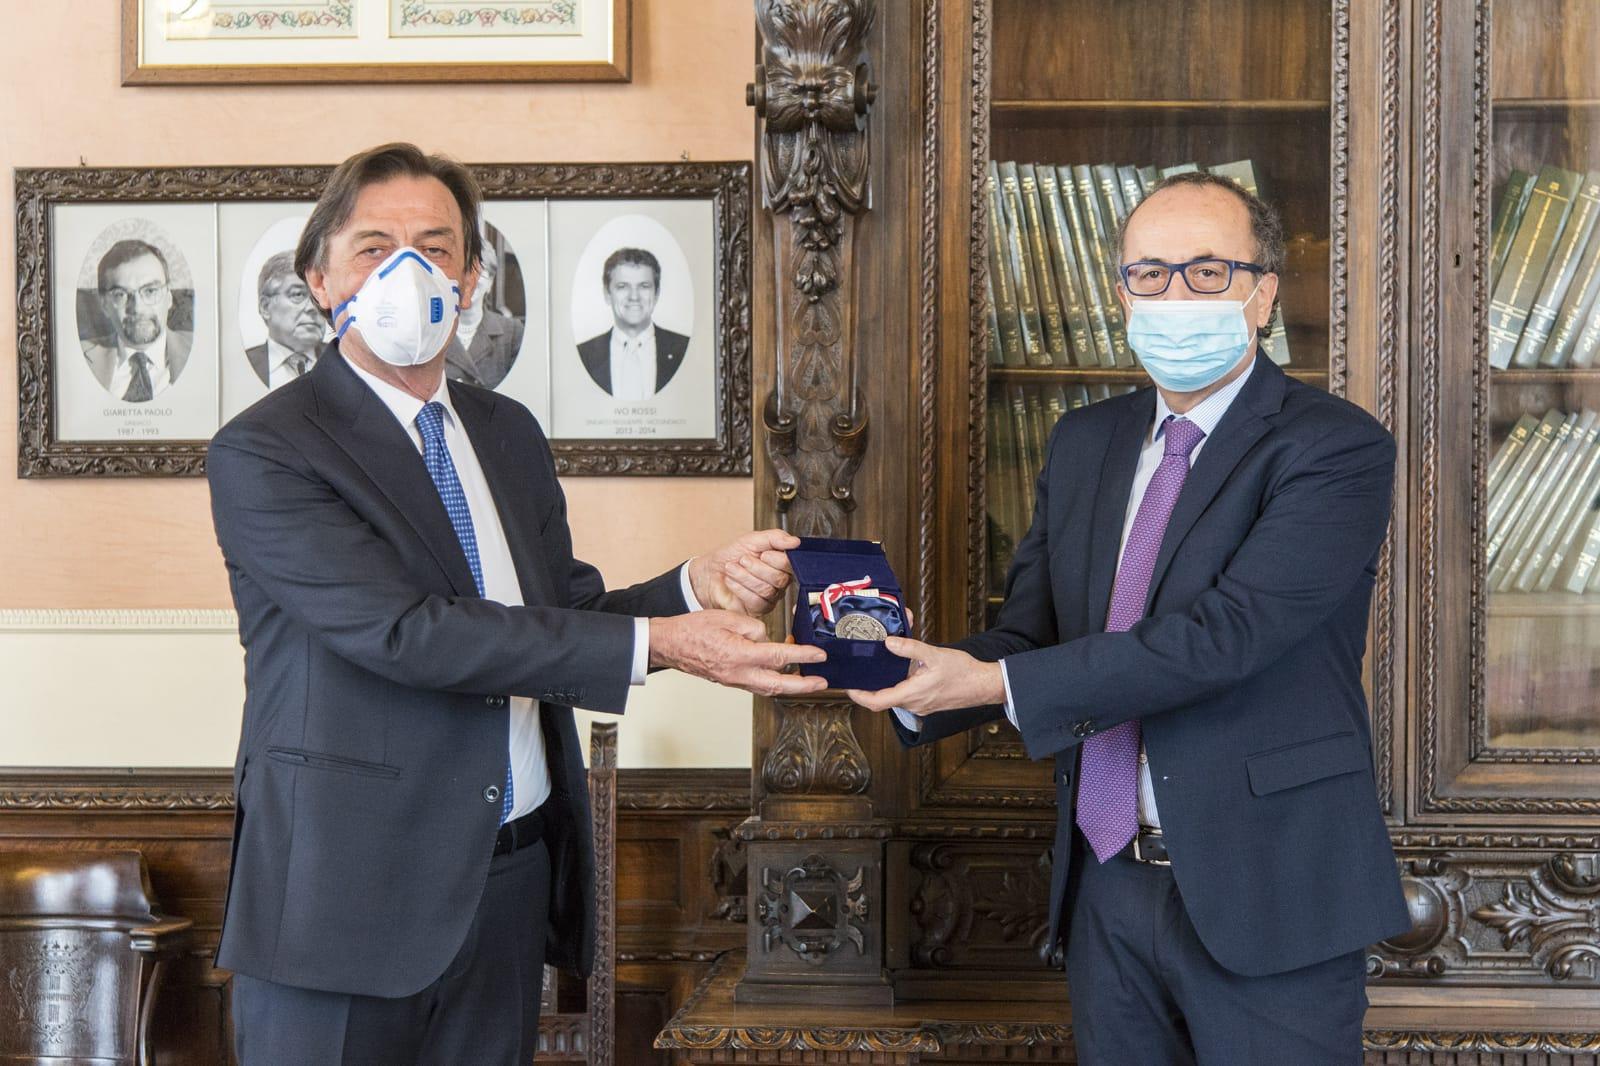 Il sindaco di Padova Sergio Giordani consegna il Sigillo della Città al questore Paolo Fassari